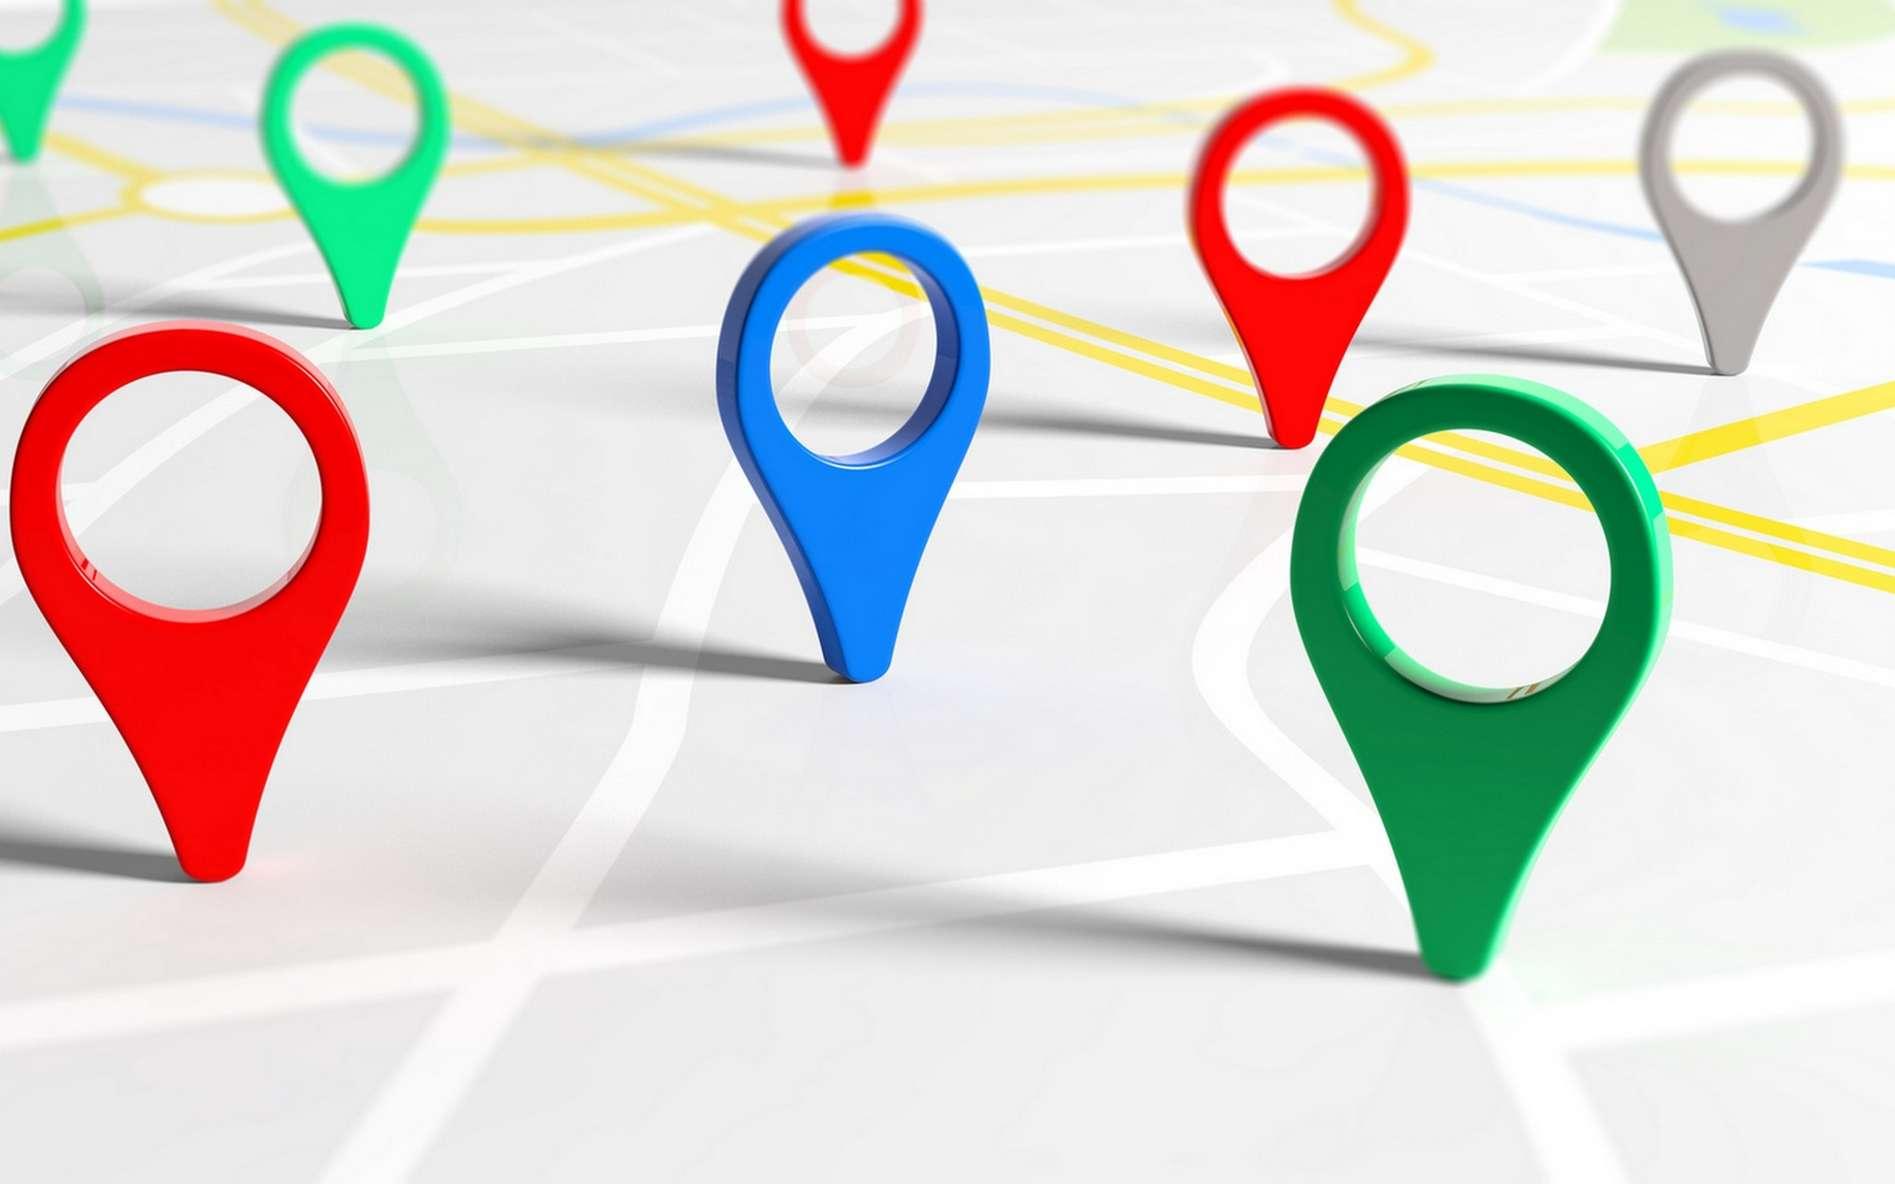 Le geofencing ou géorepérage s'appuie sur la géolocalisation par GPS pour définir des zones d'utilisation d'un appareil ou d'un véhicule. © Rawf8, Fotolia